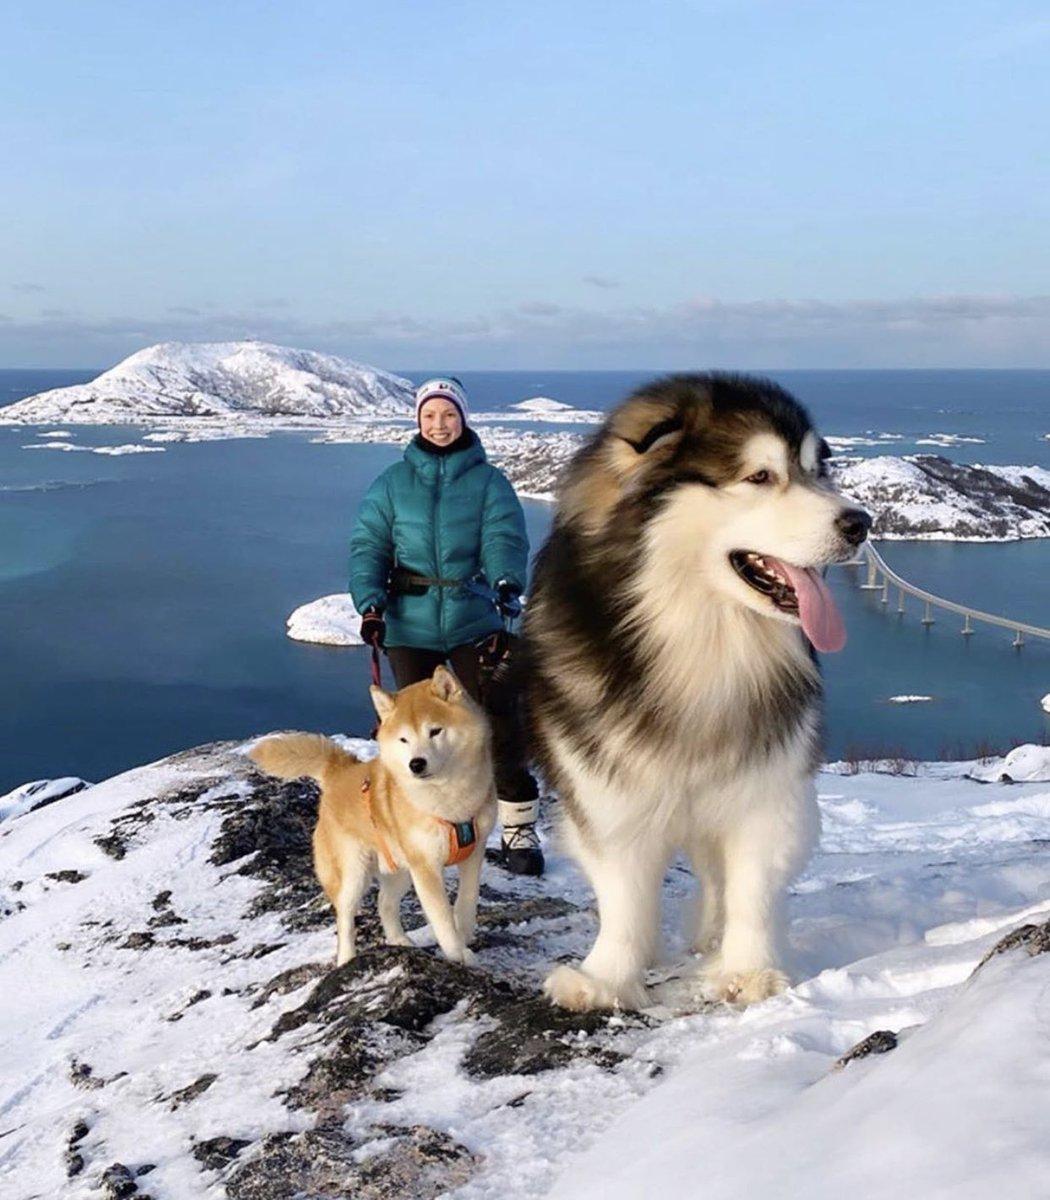 犬画像を見てて、またまたあ……と思ってたらアラスカンマラミュートという犬種だった。すごい大きさ。子どもなら背中に乗って通学はもちろん旅できるレベル。かわいい